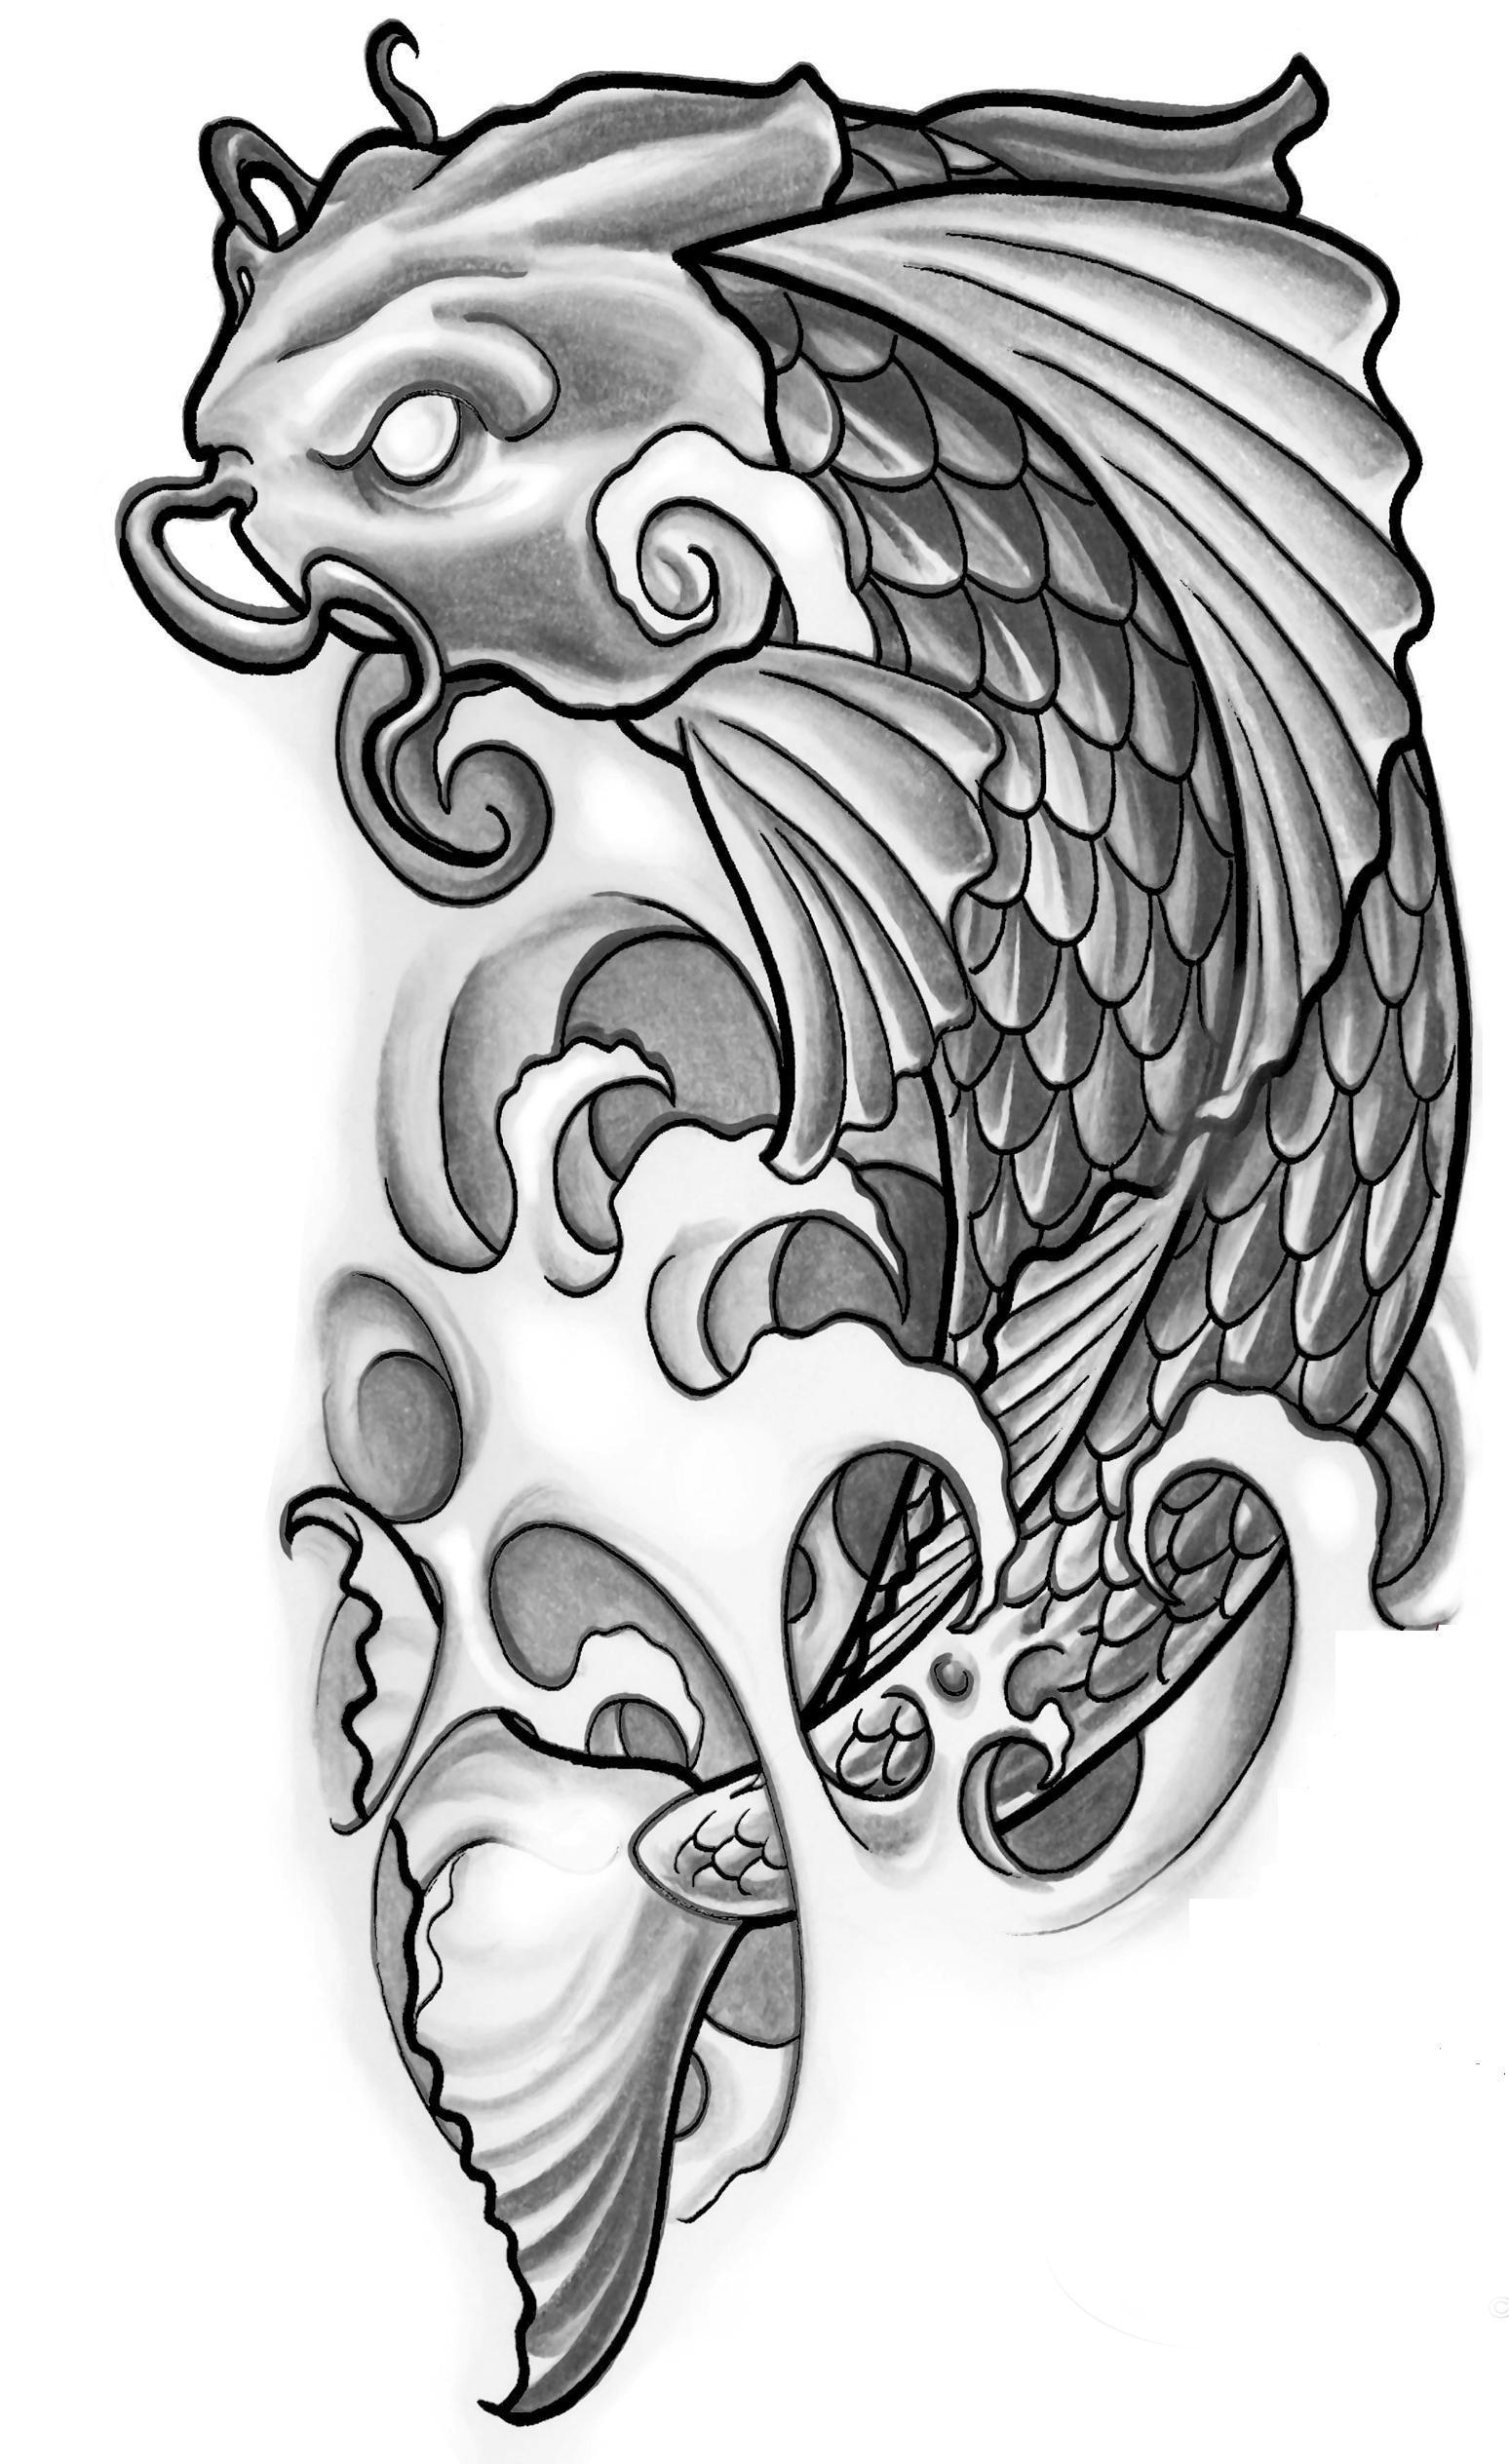 Wonderful koi fish tattoo design wonderful grey ink fish tattoo design izmirmasajfo